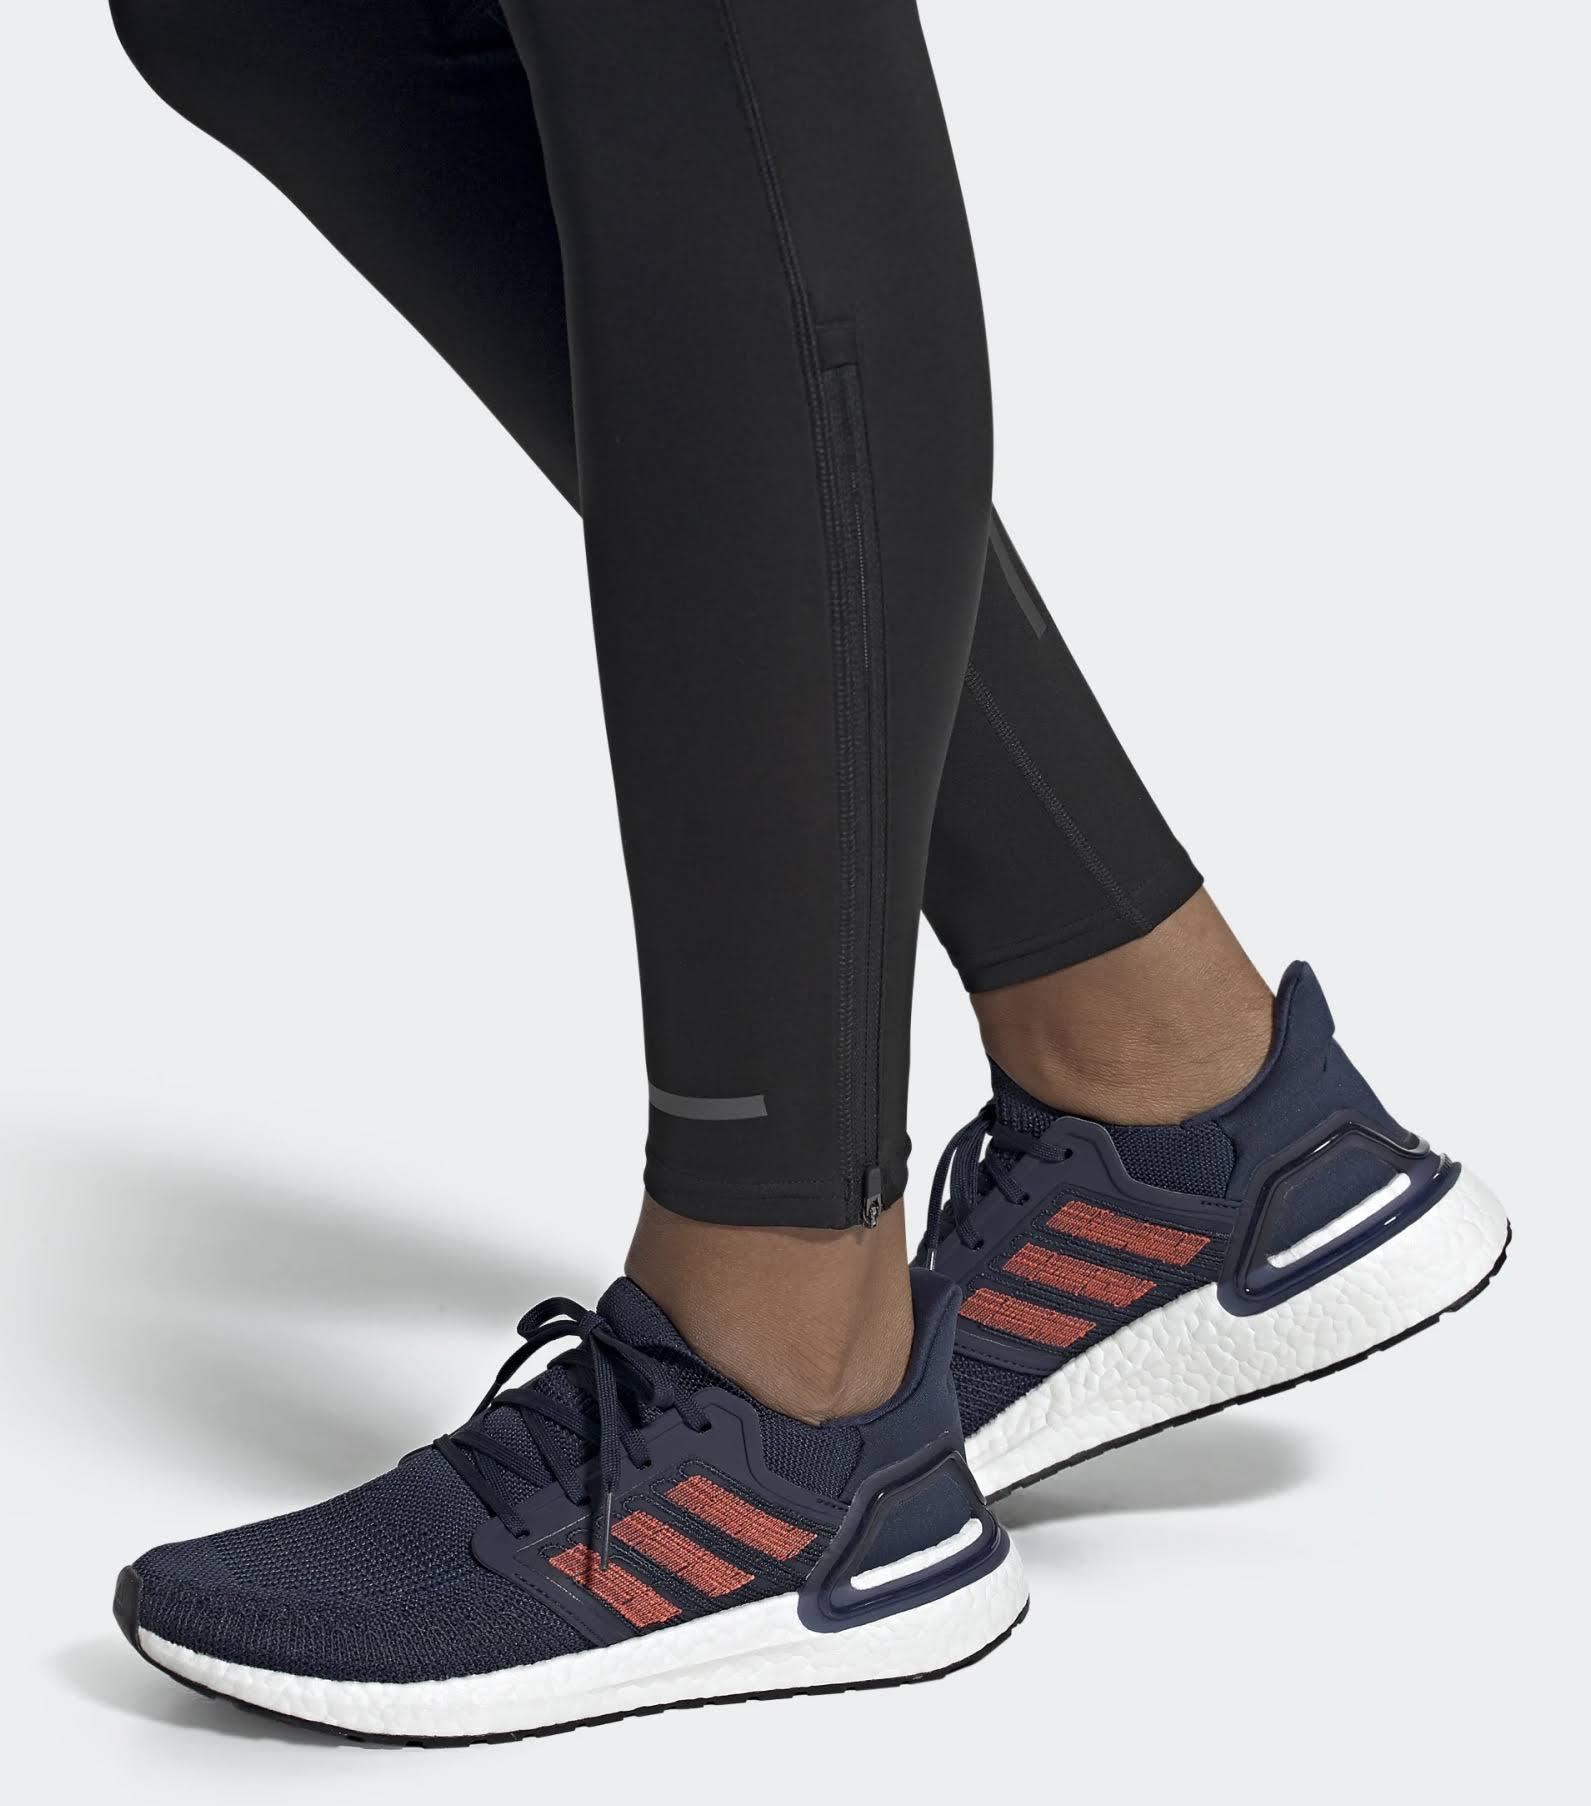 Adidas Ultraboost 20 Shoes Running - Blue - Men